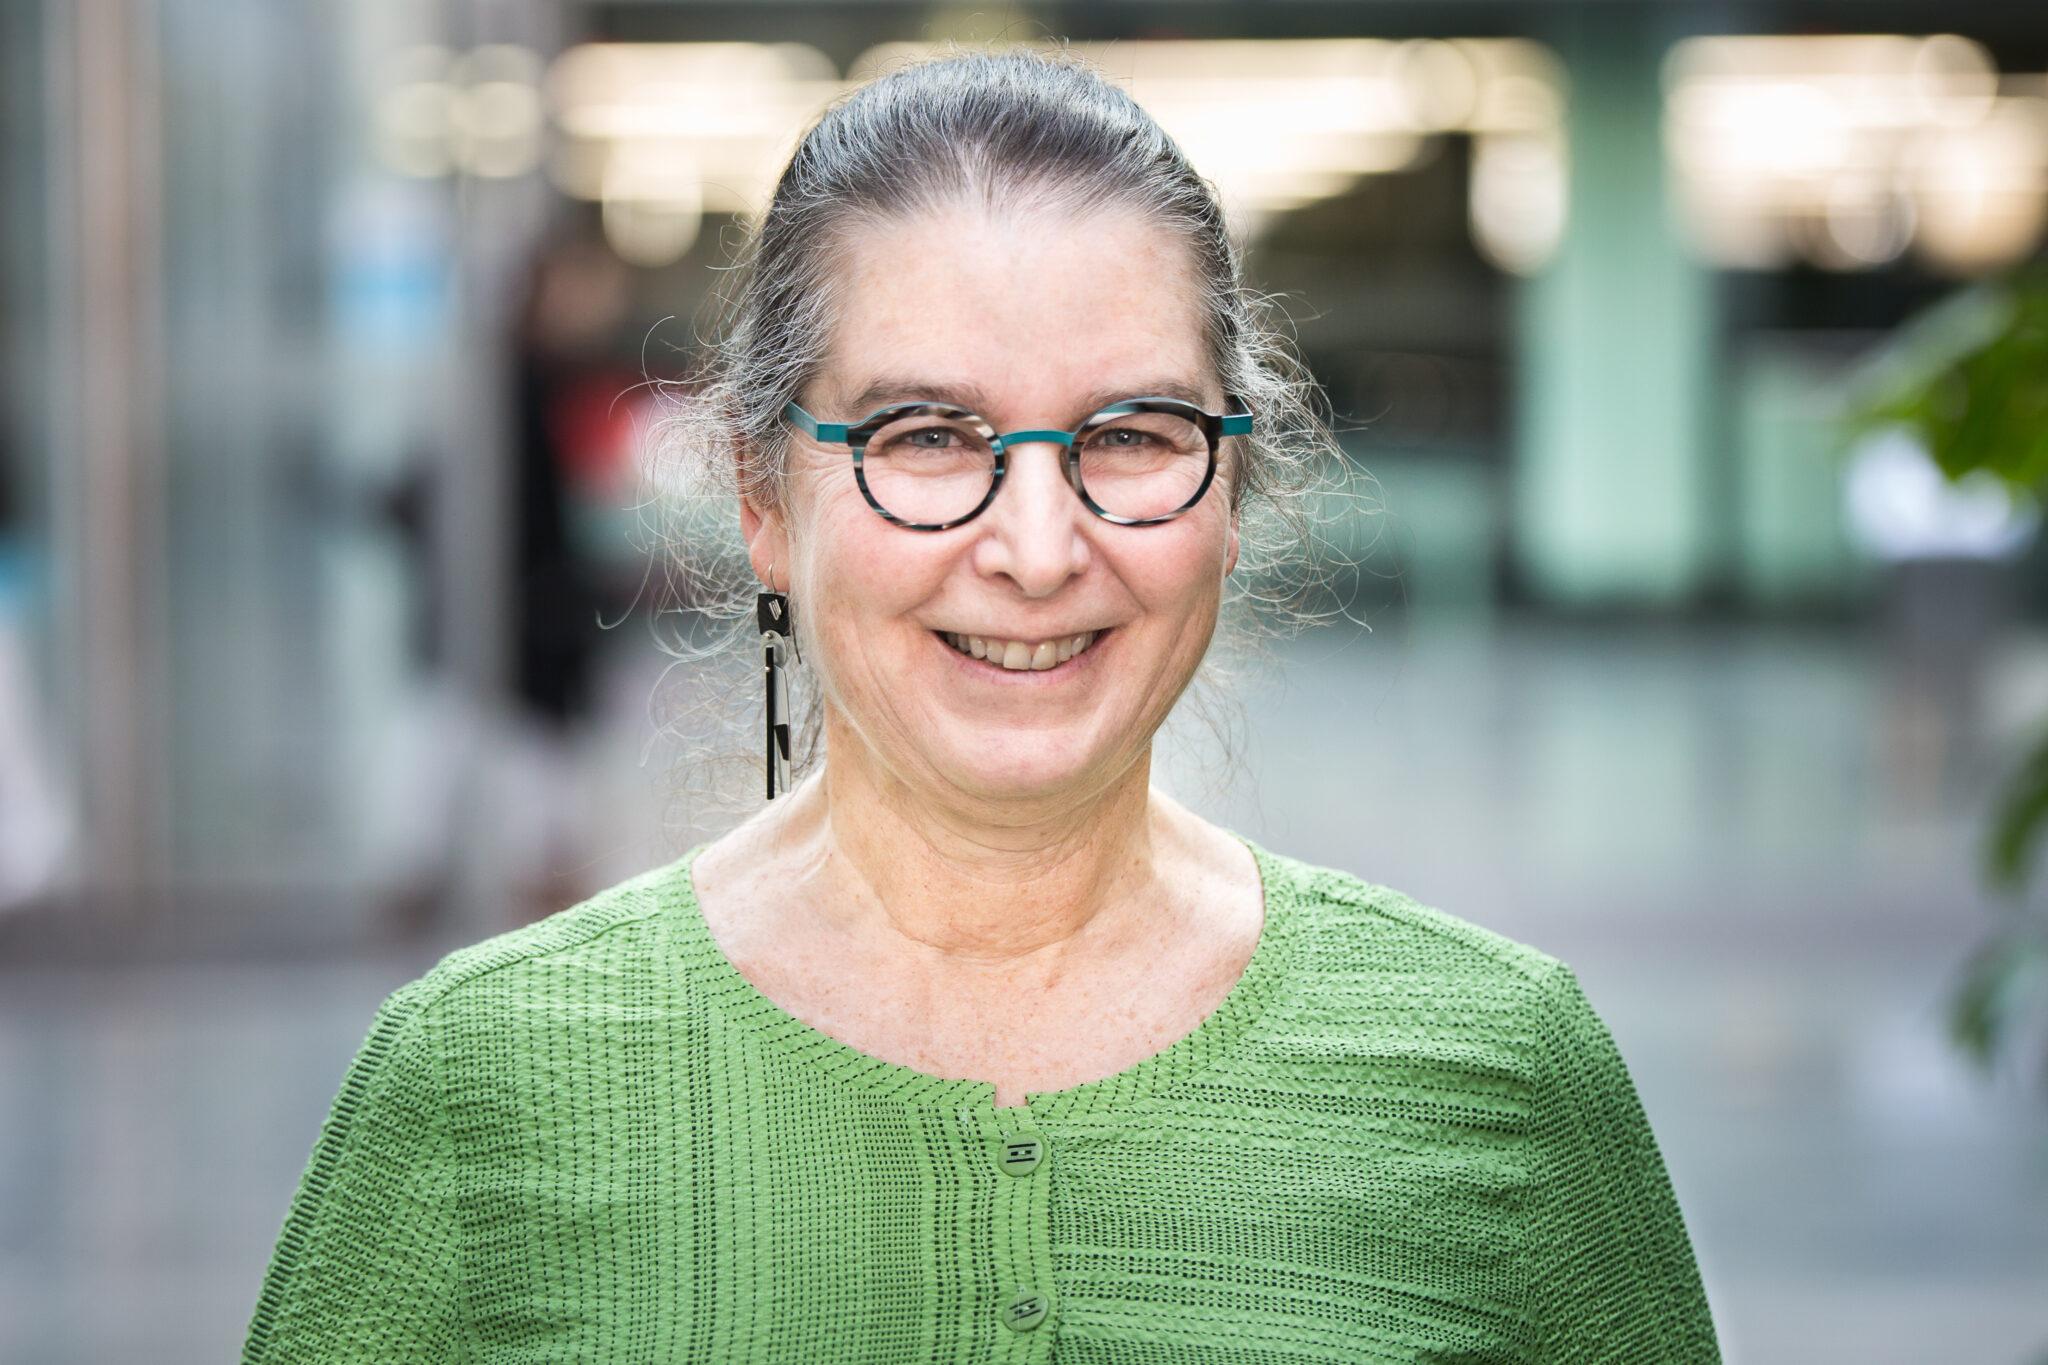 Claire Wyman